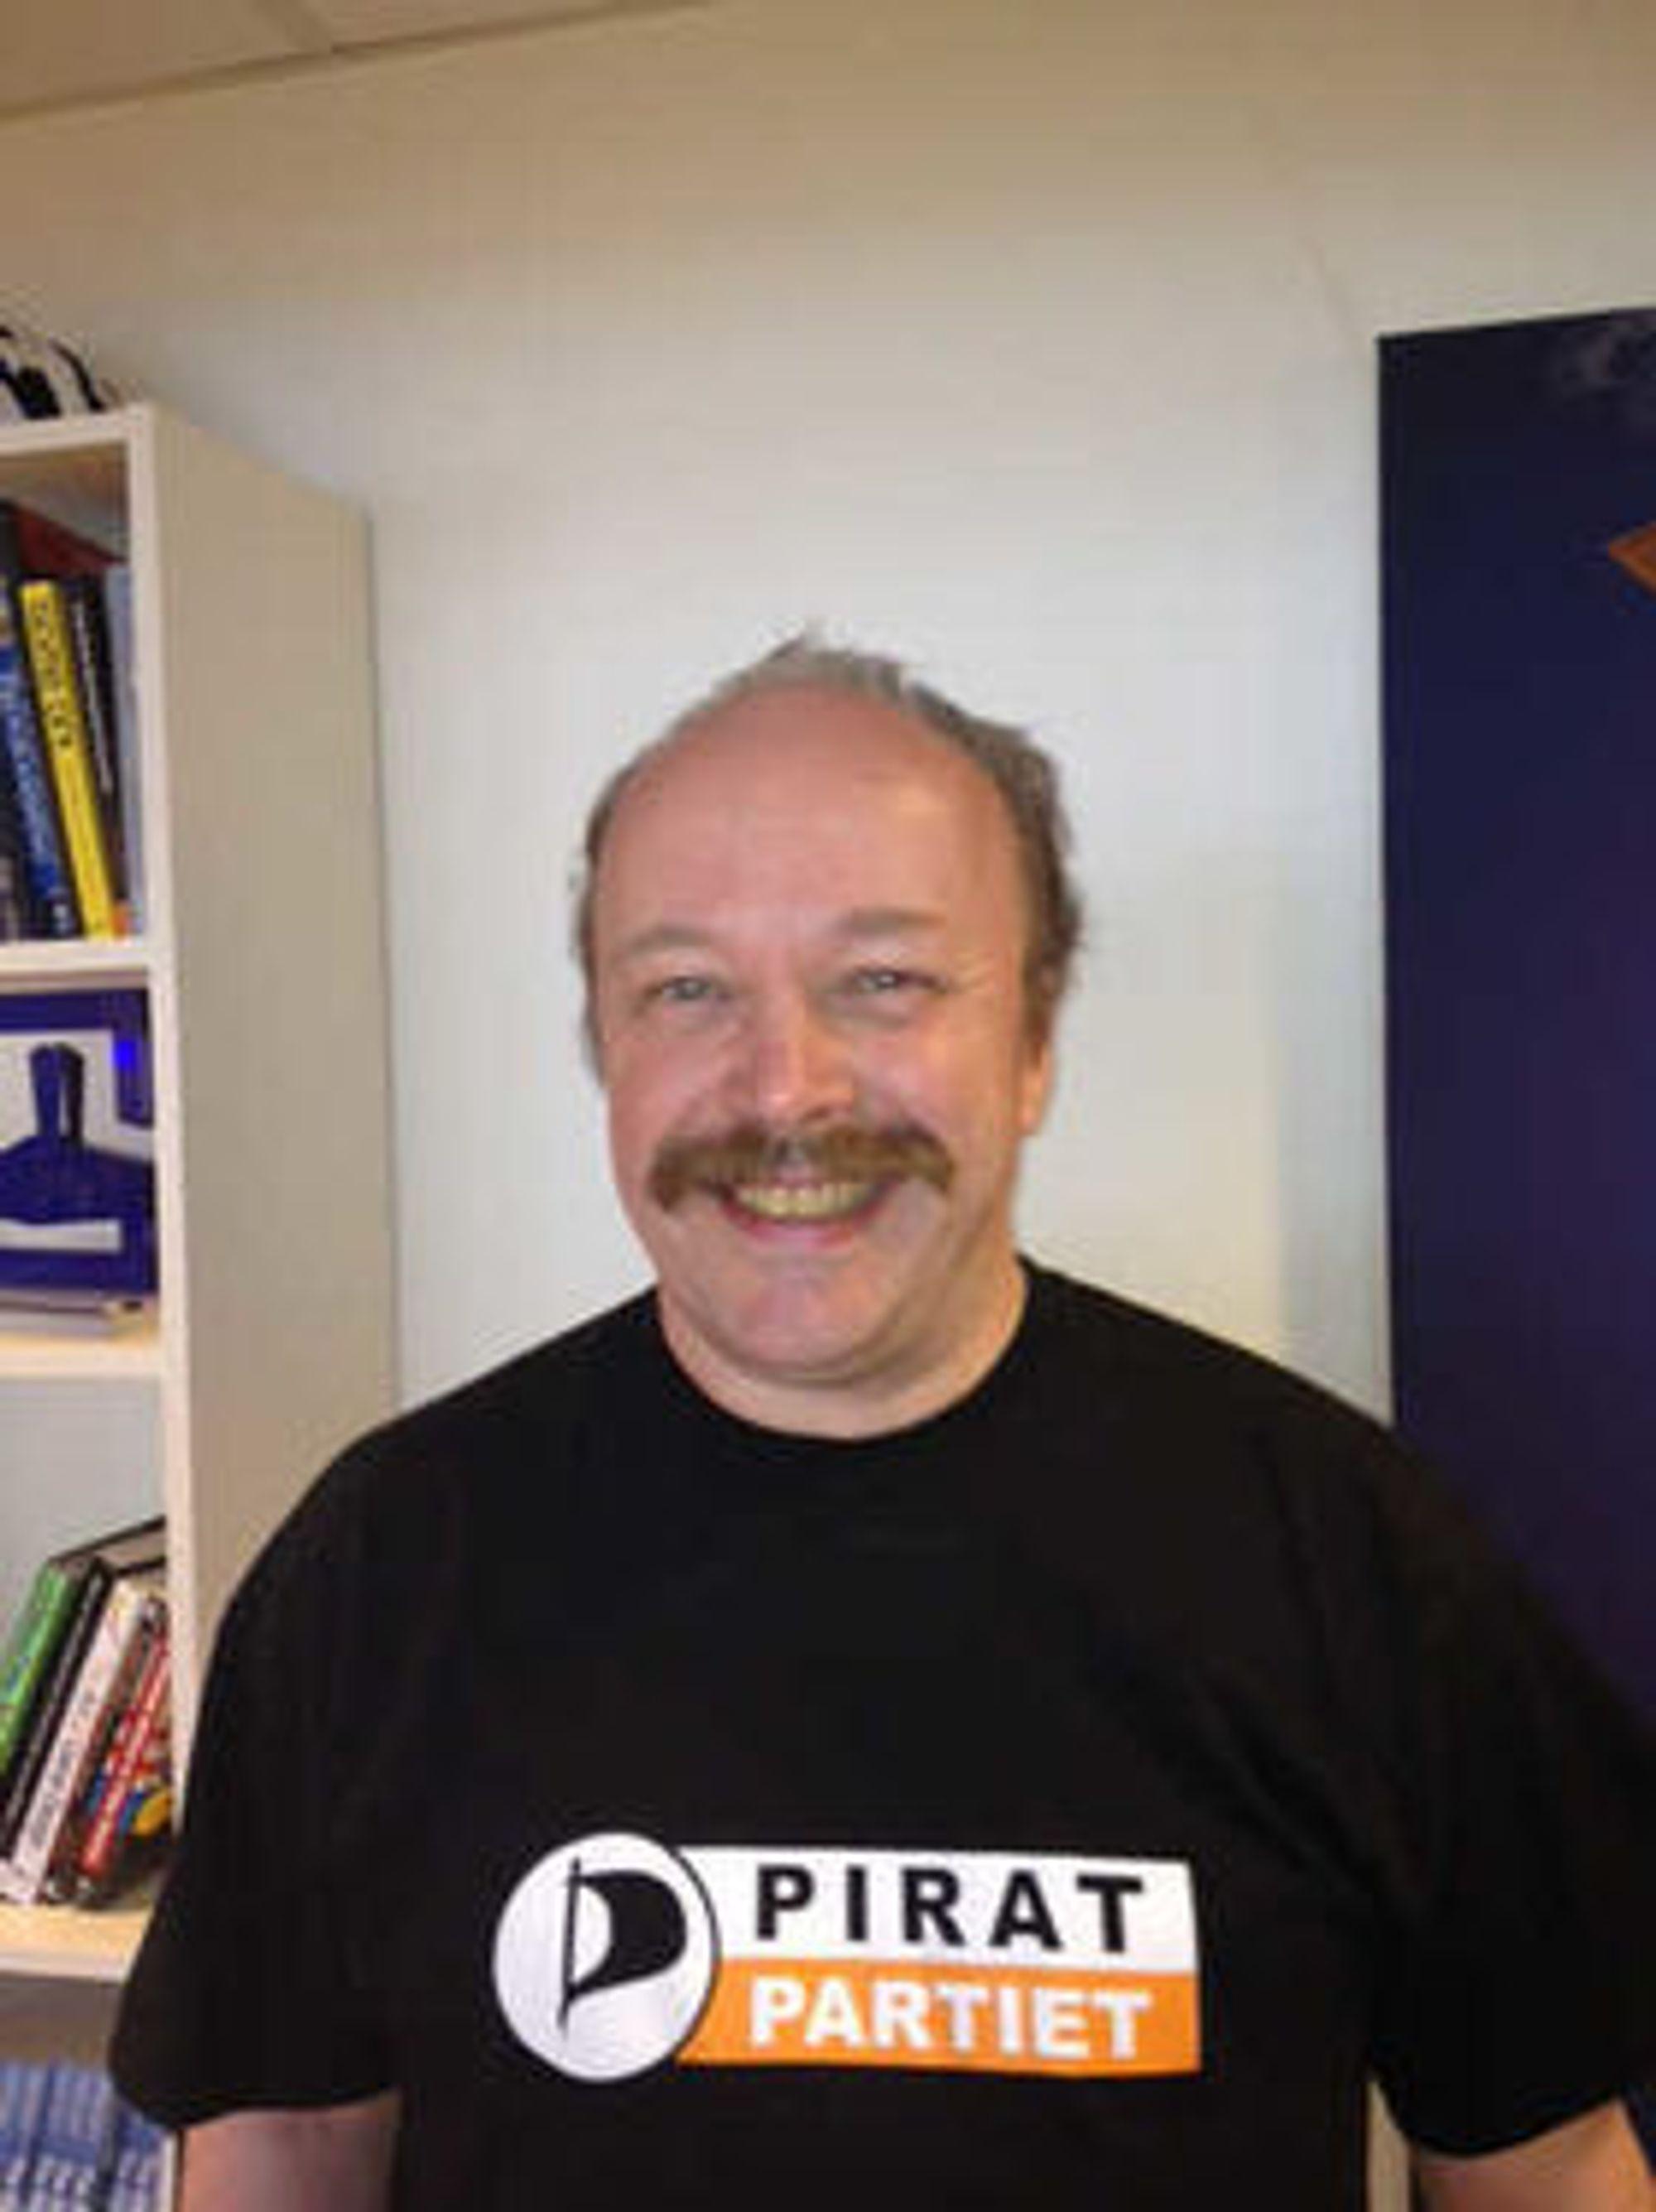 Piratpartiets leder, Geir Aaslid, mener det er et angrep på ytringsfriheten at Piratpartiet ble tvunget til å ta ned noden som rutet trafikk til fildelingstjenesten The Pirate Bay.